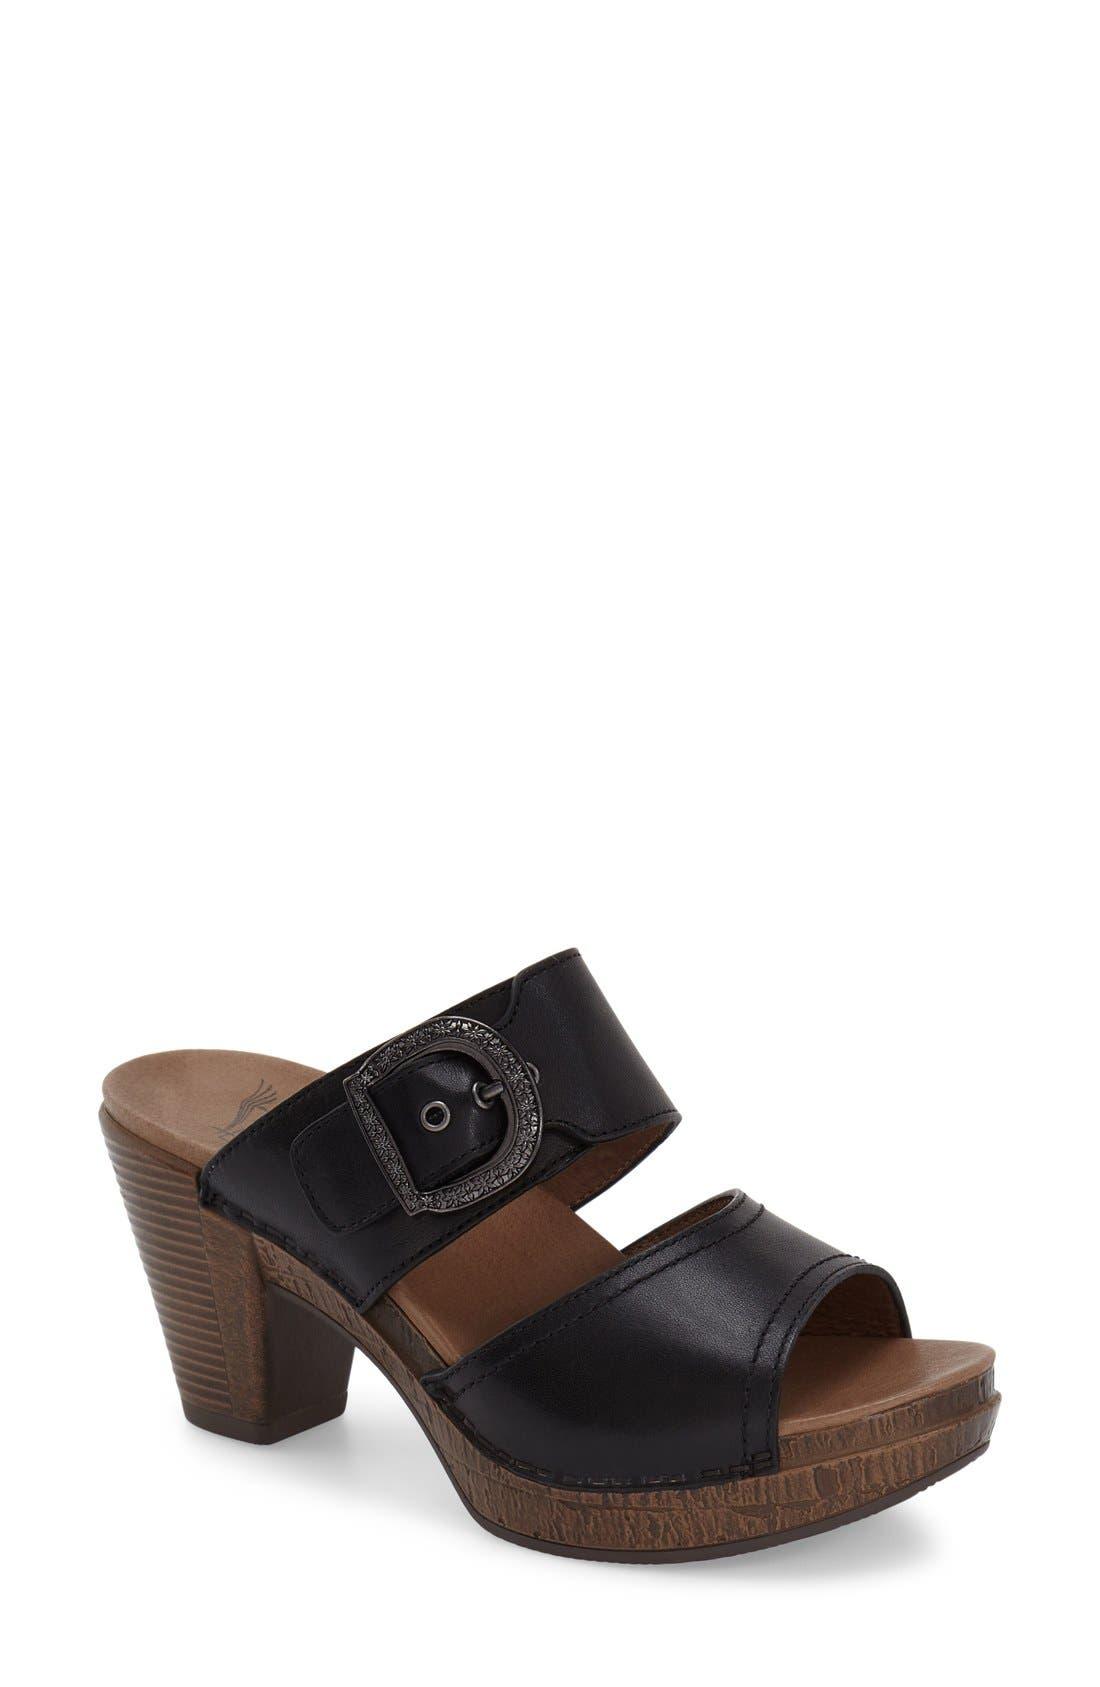 'Ramona' Sandal,                             Main thumbnail 1, color,                             Black Leather